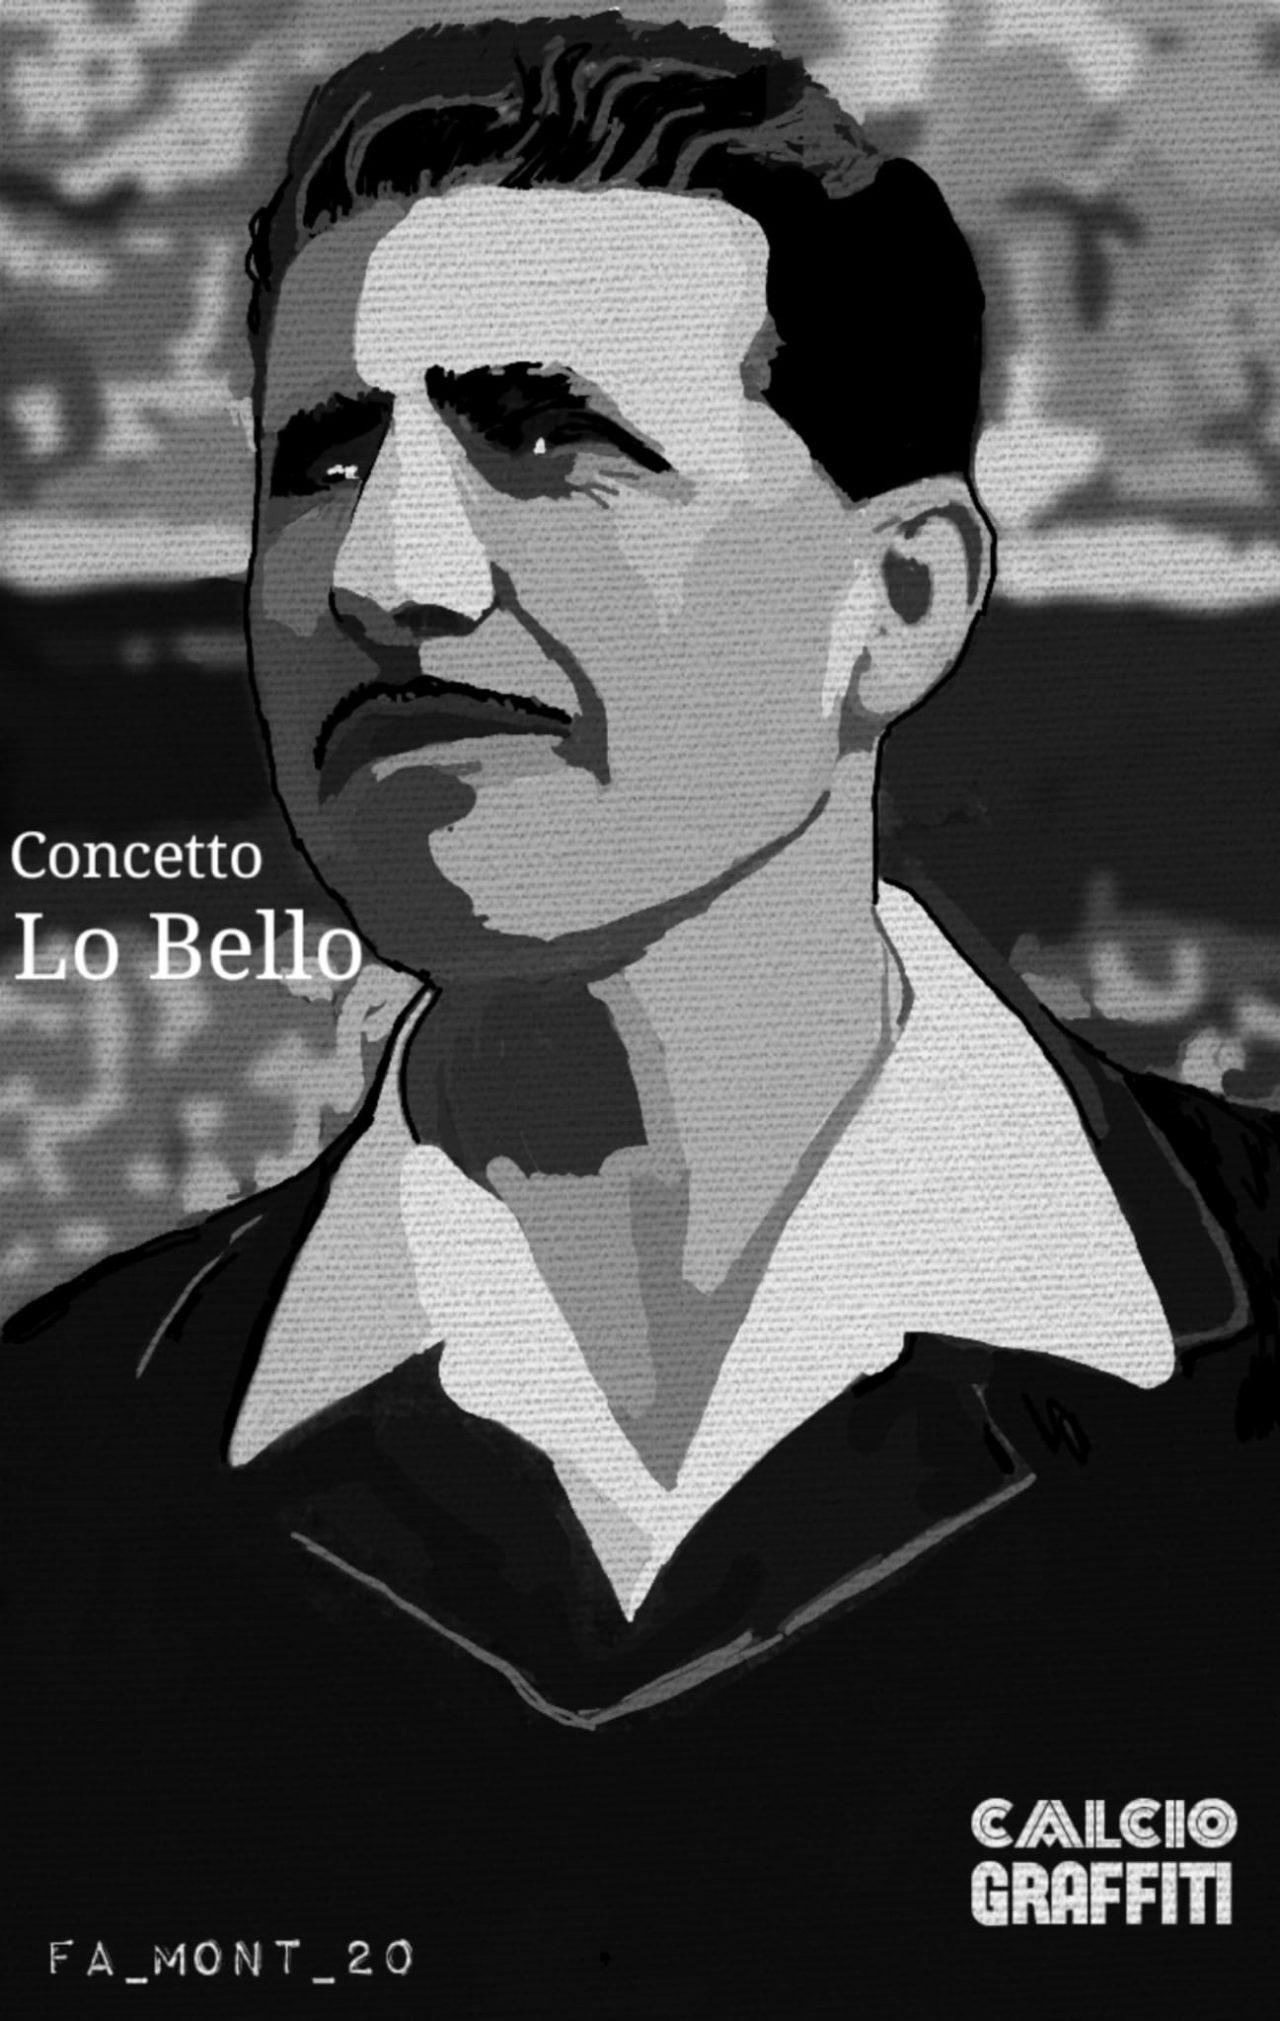 CONCETTO LO BELLO